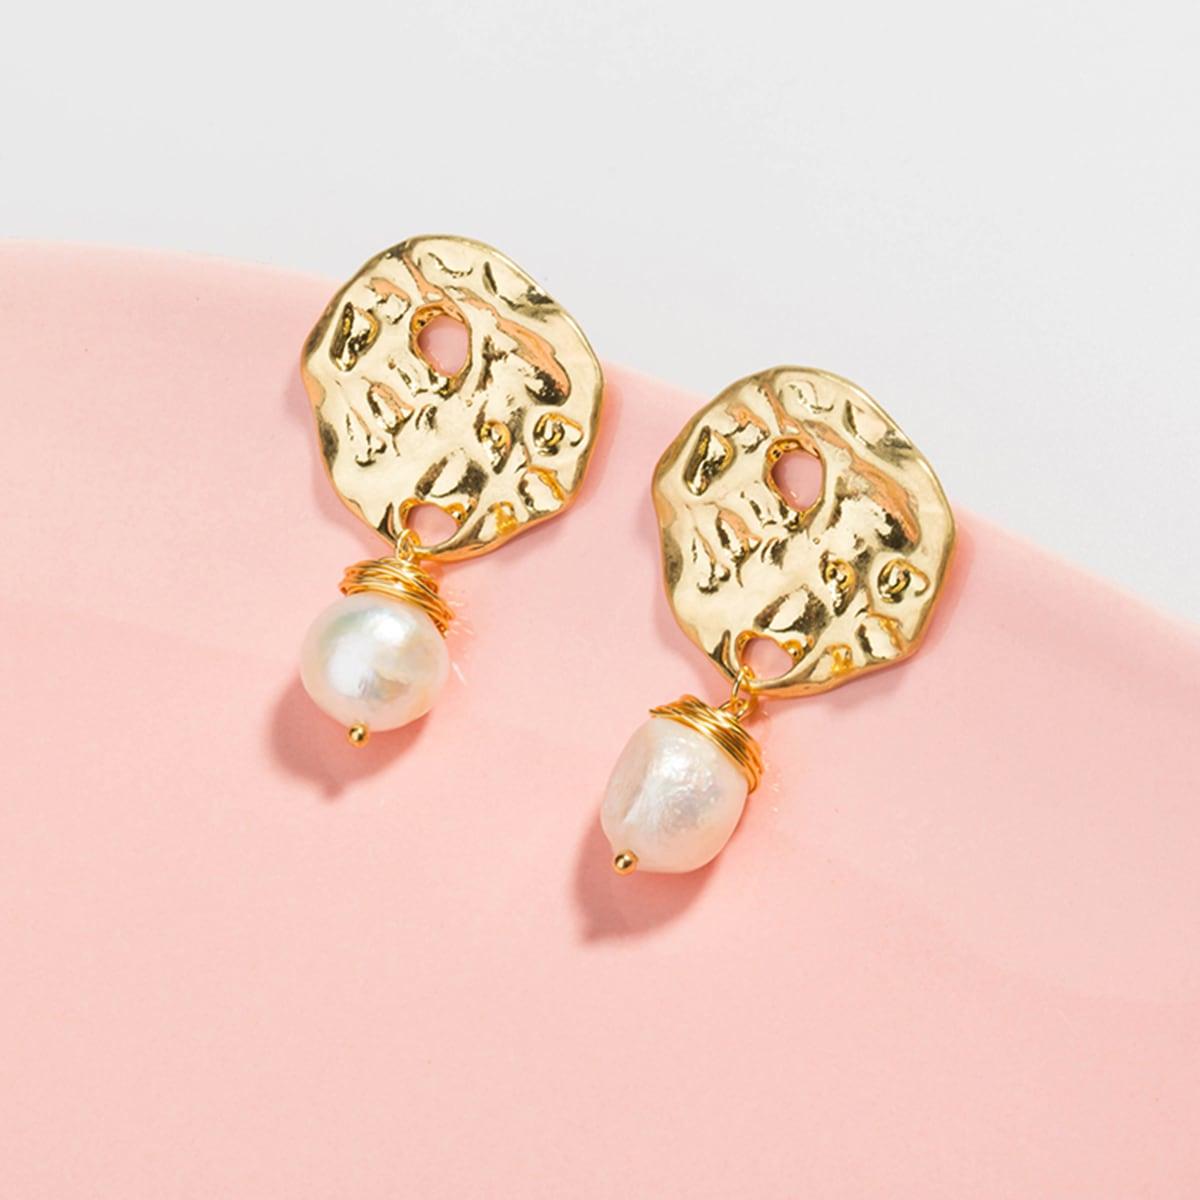 1pair Textured Metal Pearl Drop Earrings